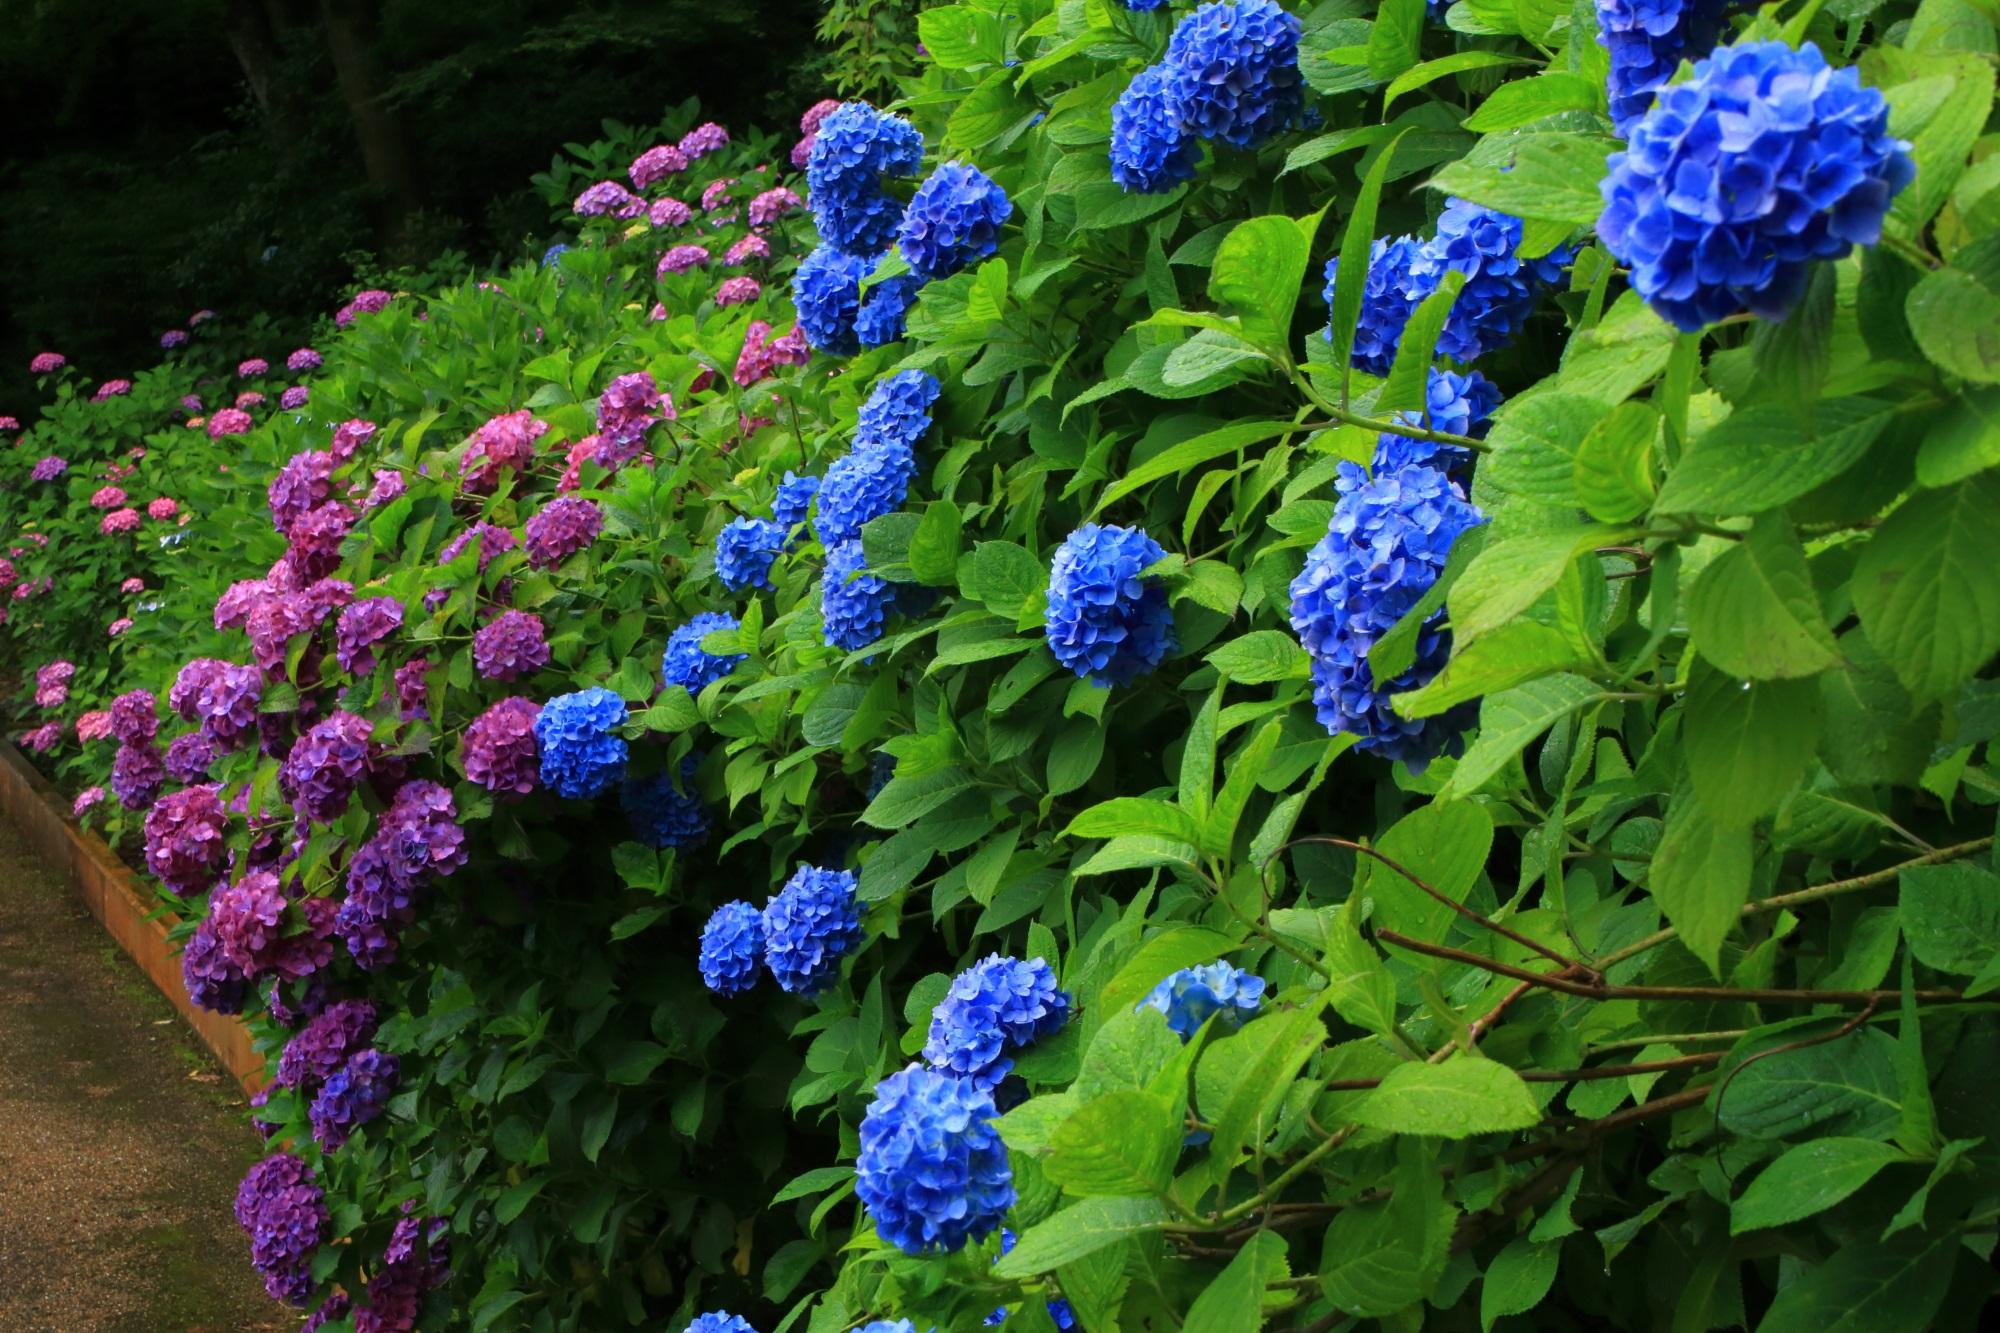 善峯寺の青や紫や緑などの綺麗な色のコントラスト